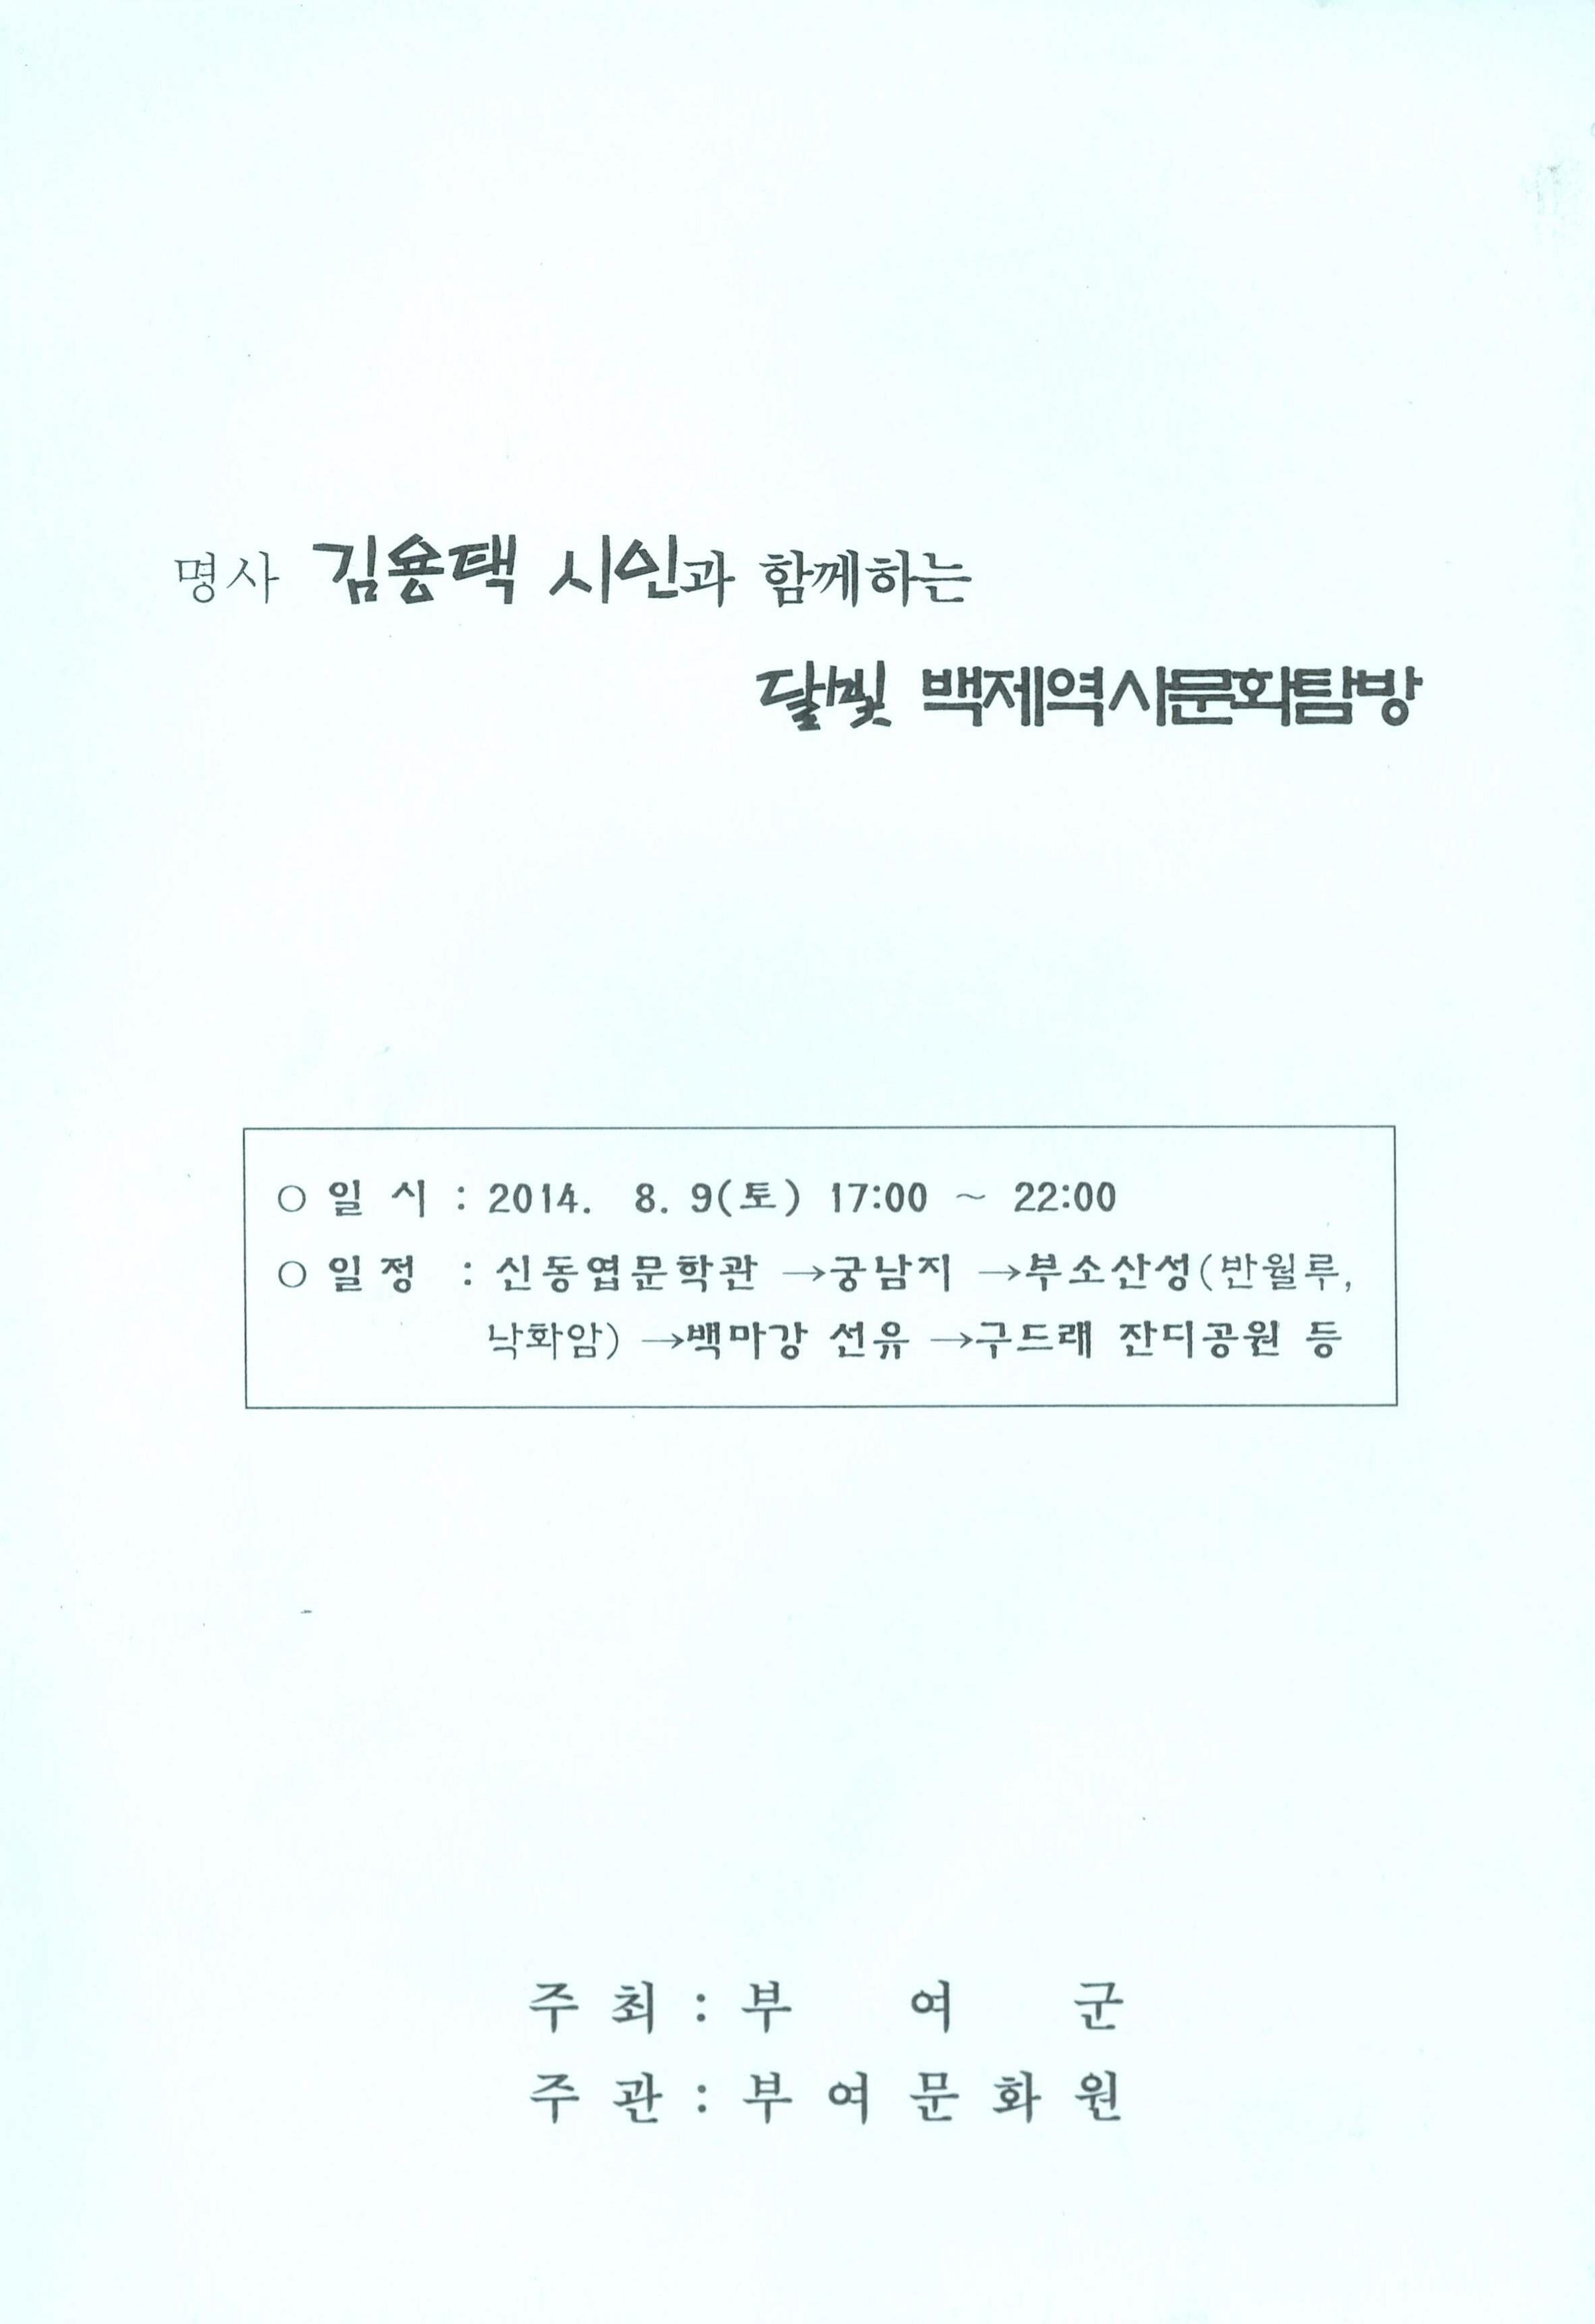 명사 김용택 시인과 함께하는 달빛 백제역사문화탐방